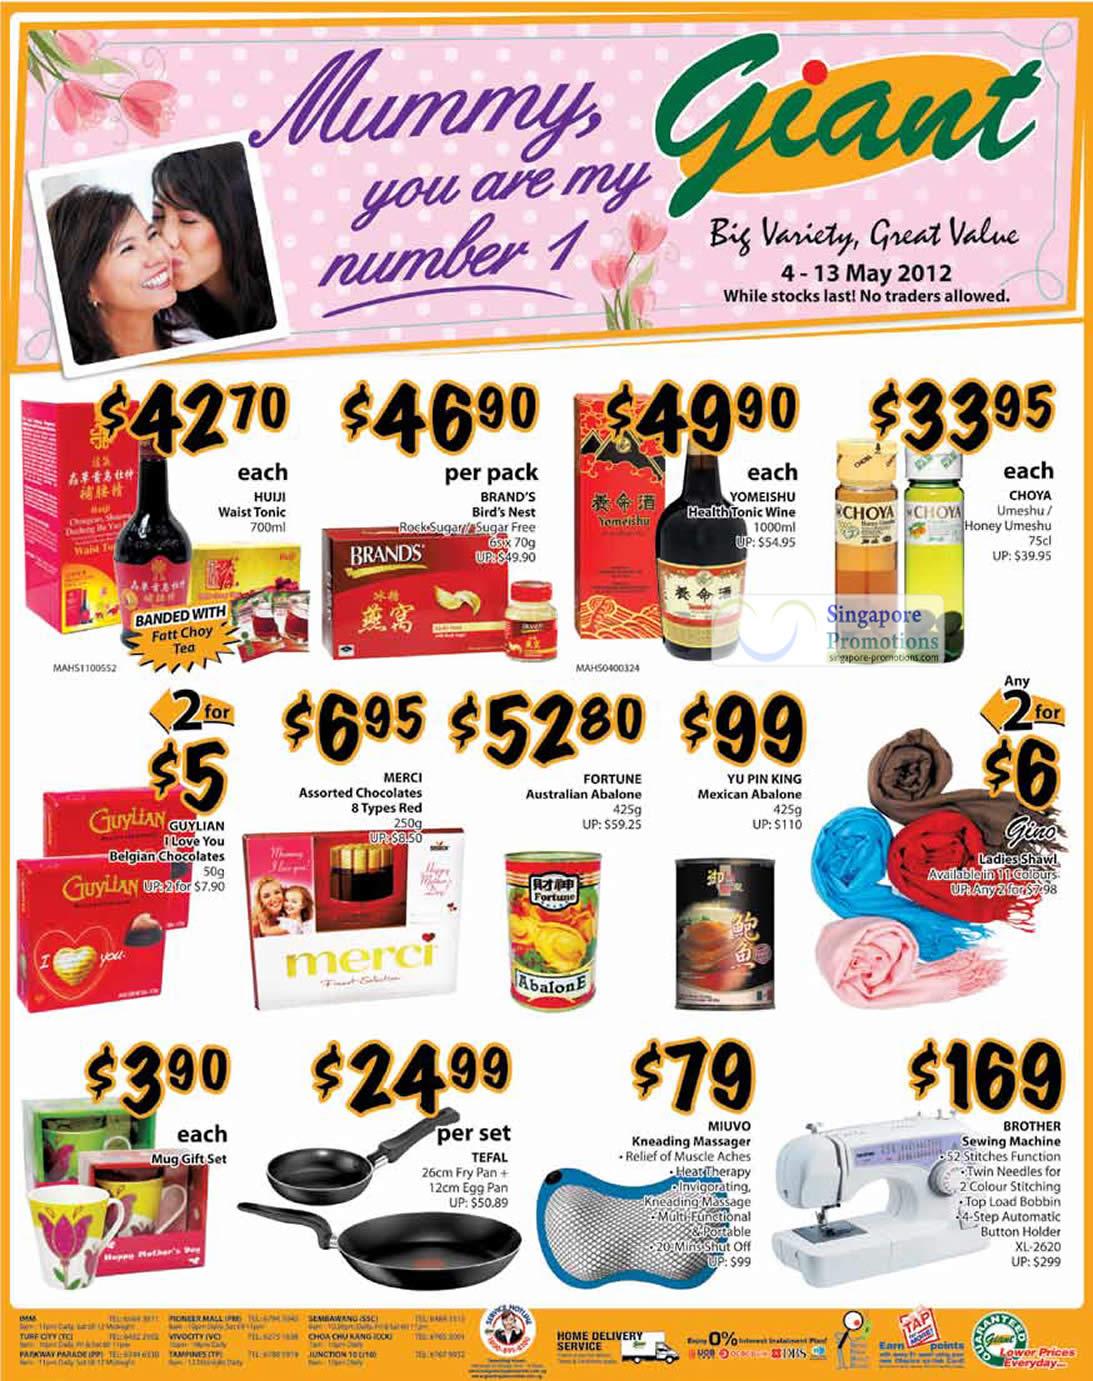 Brands Birds Nest, Yomeishu Wine, Abalones, Fortune, Yu Pin King, Sewing Machine